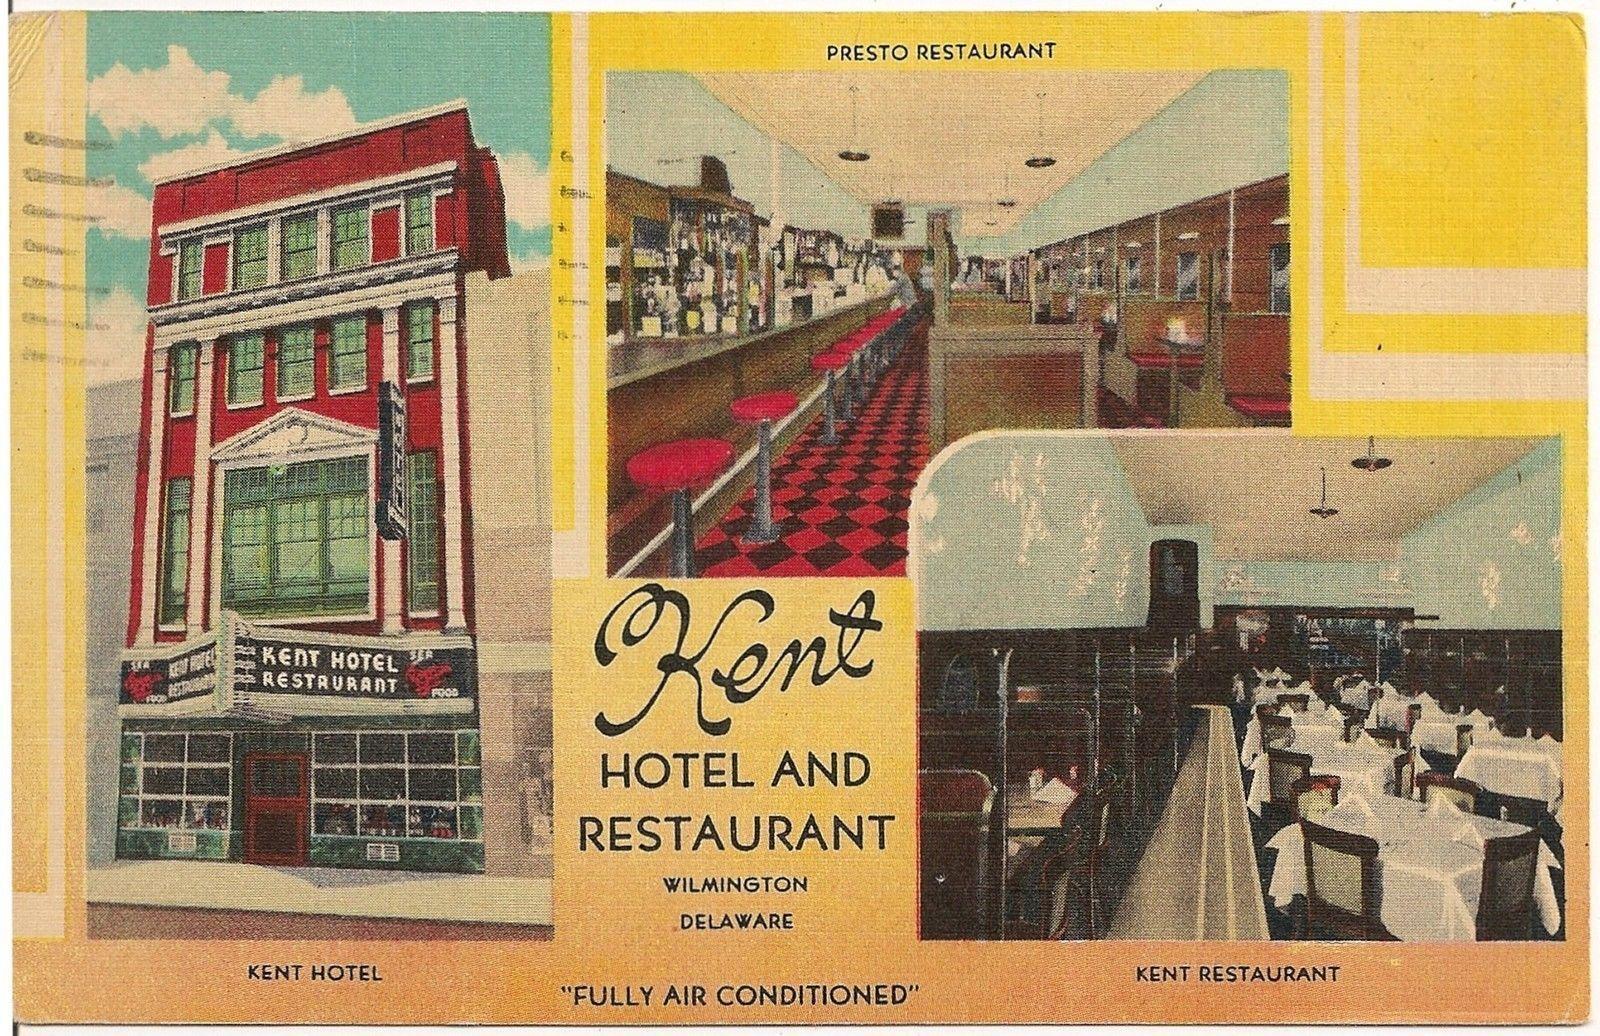 Kent Hotel And Restaurant In Wilmington De Postcard 1953